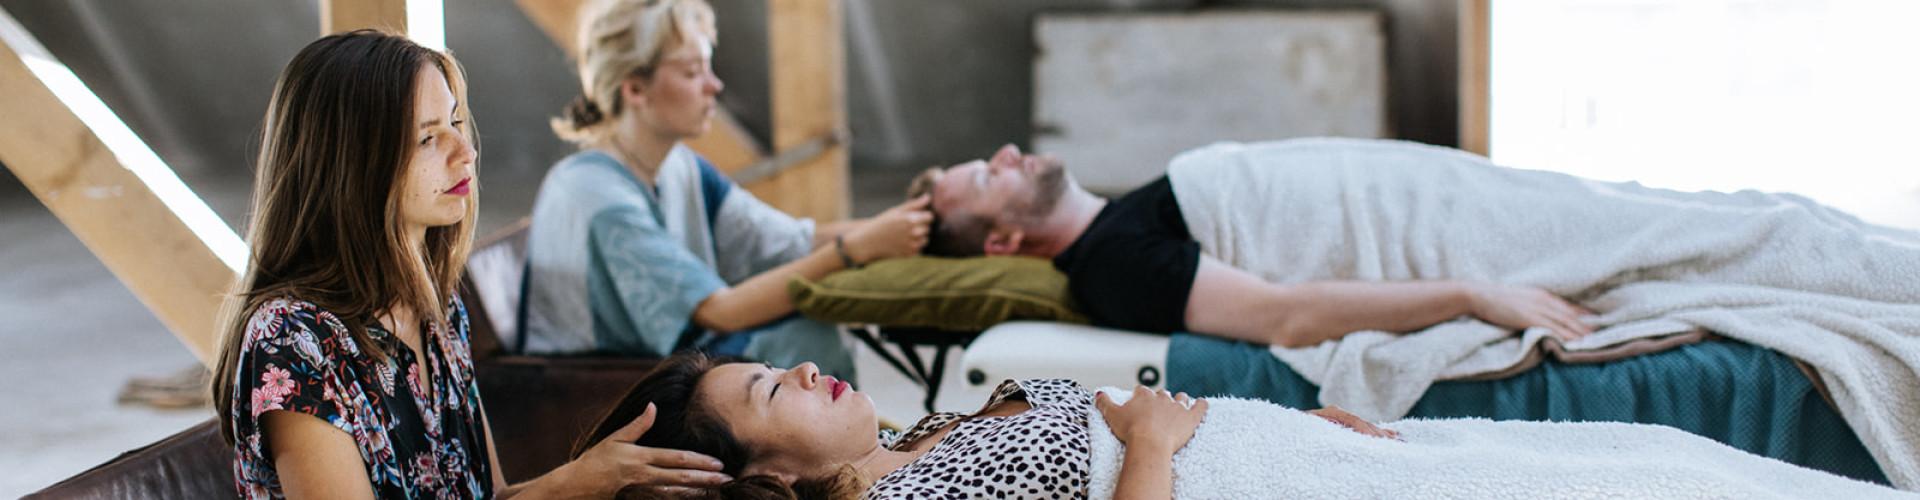 access bars energetische facelift yoga amsterdam bluebirds barsbabes mindset coach bewustzijn